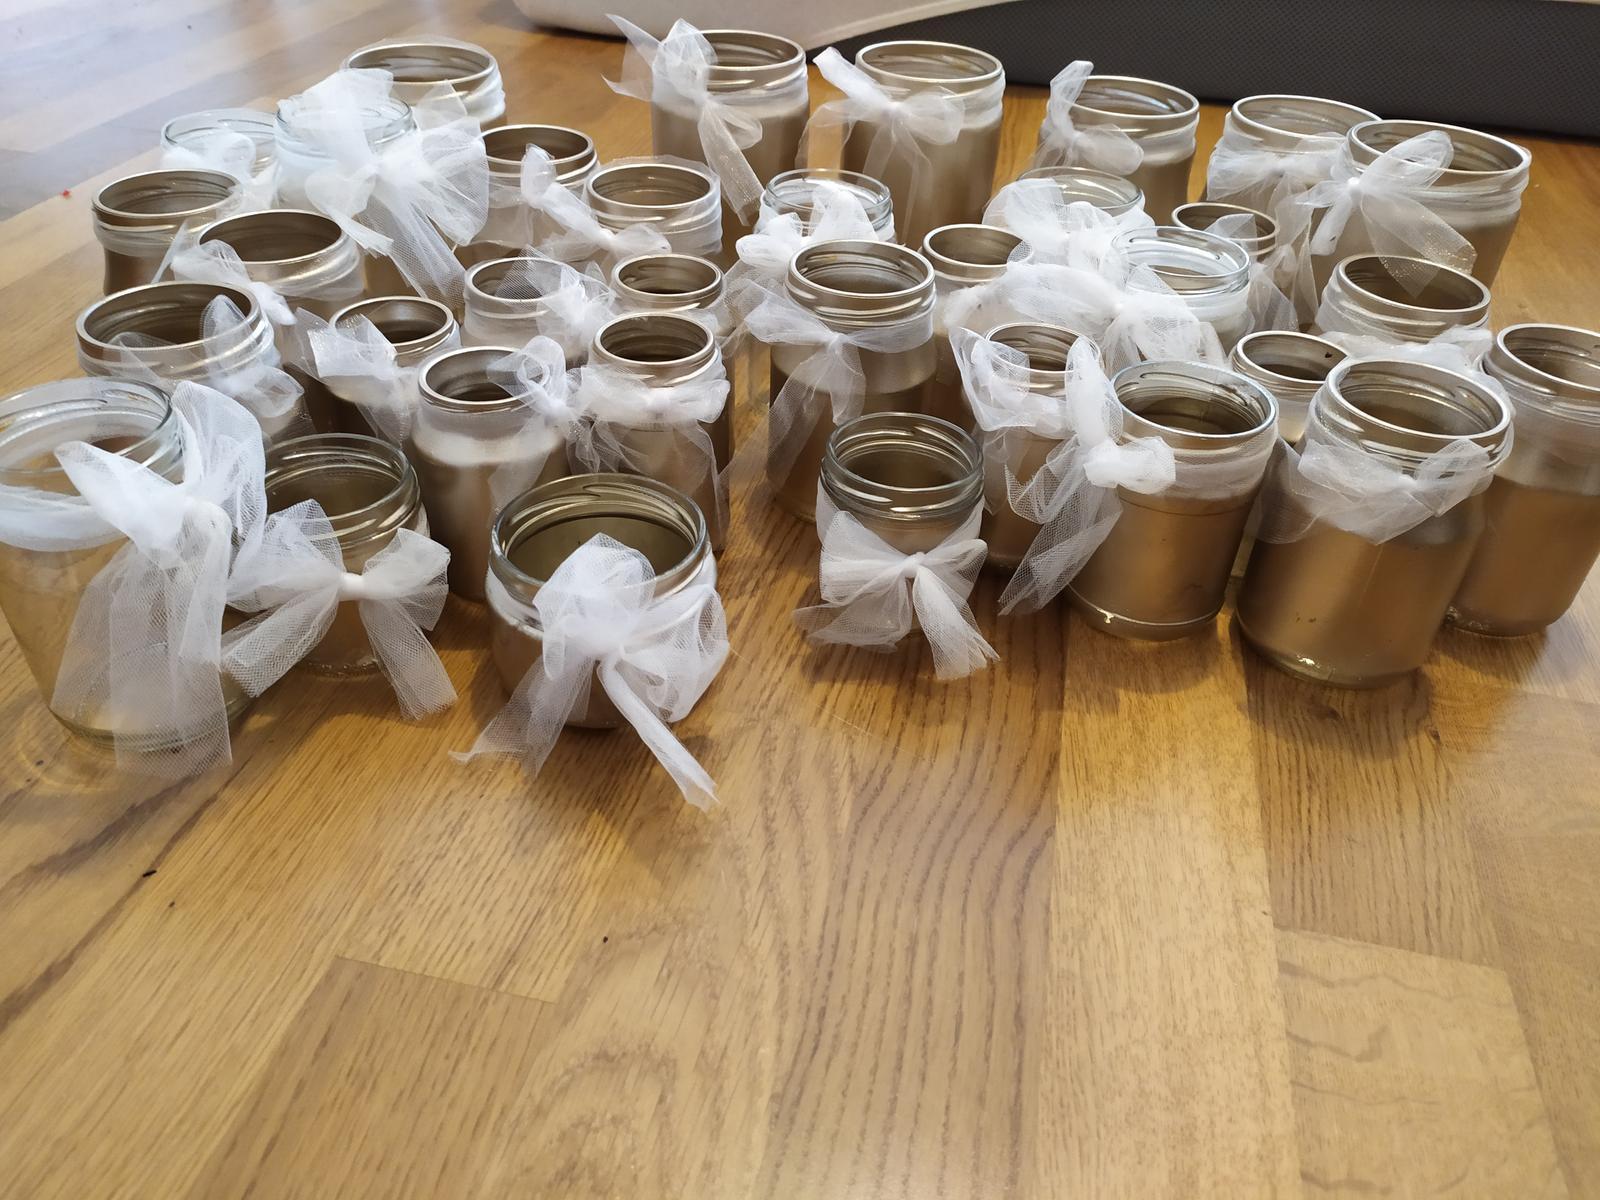 vázy, svícny, skleničky - Obrázek č. 1